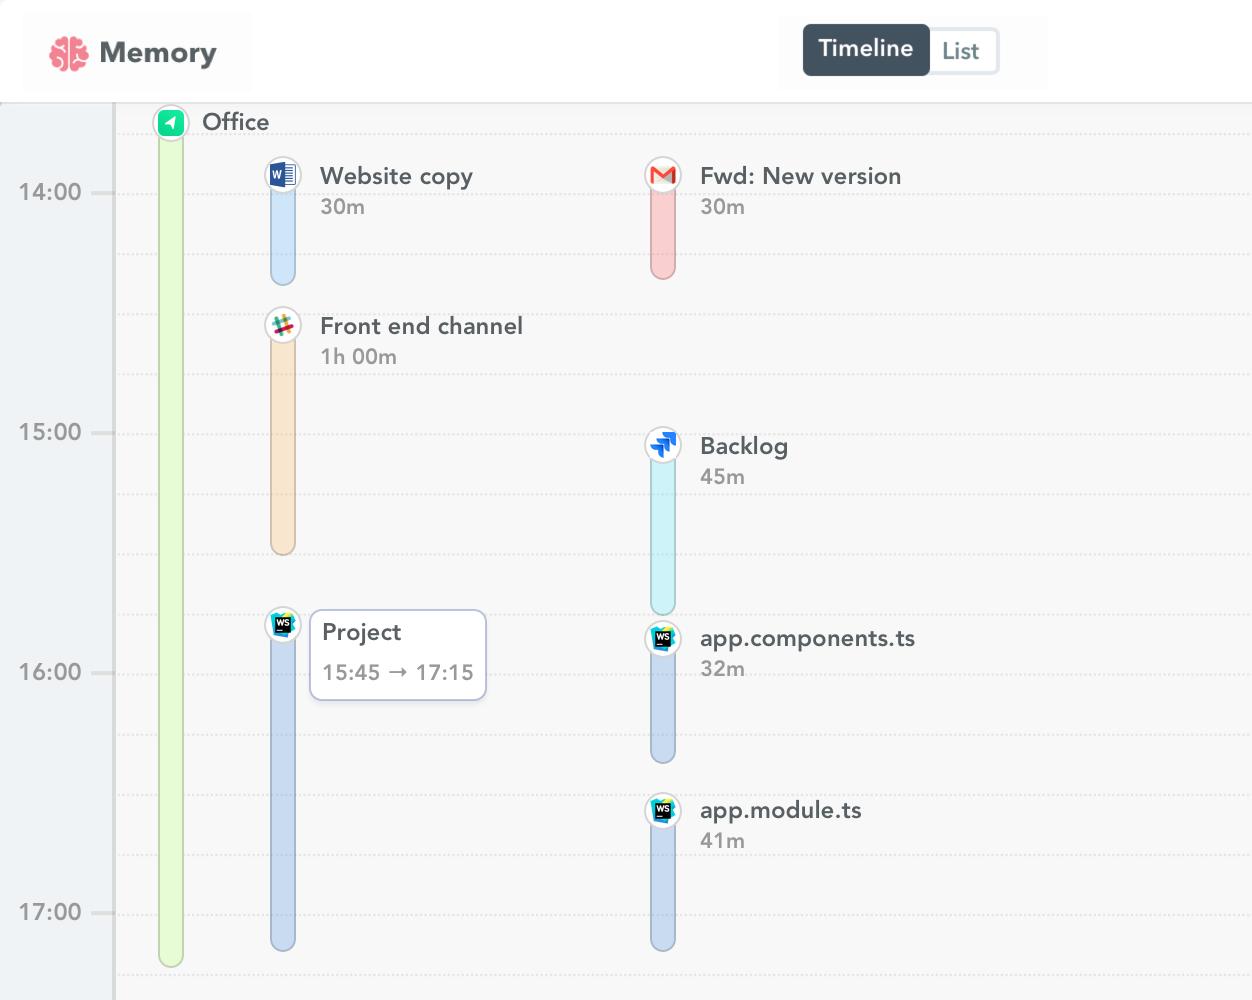 WebStorm time tracking